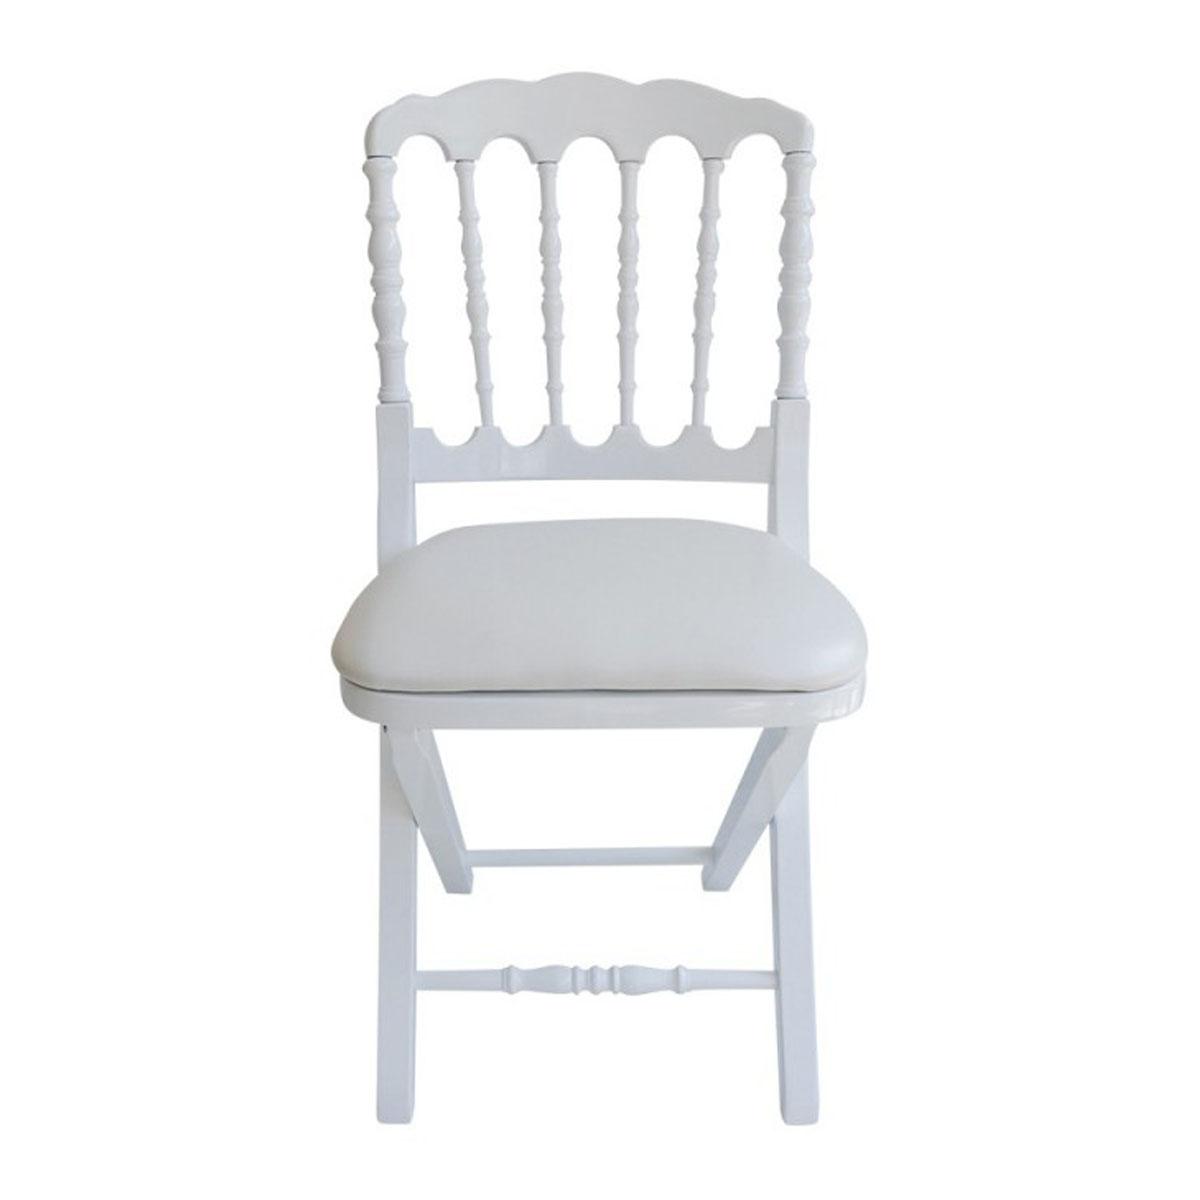 Chaise napol on pliante bois vente de mobilier de r ception - Chaise en bois pliante ...